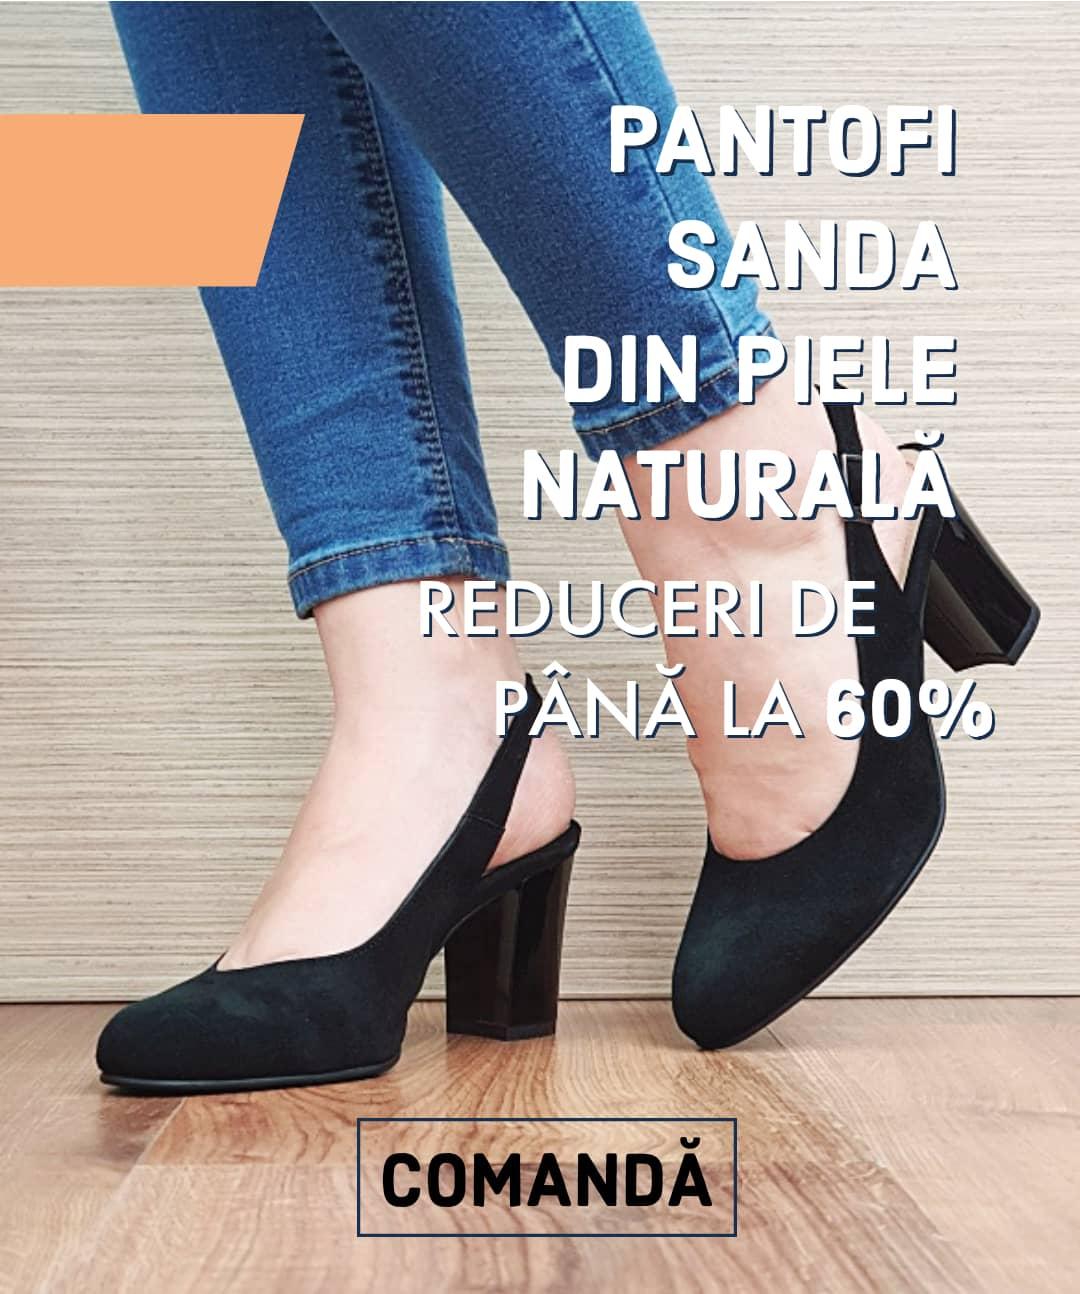 Pantofi Sanda Octombrie 2020